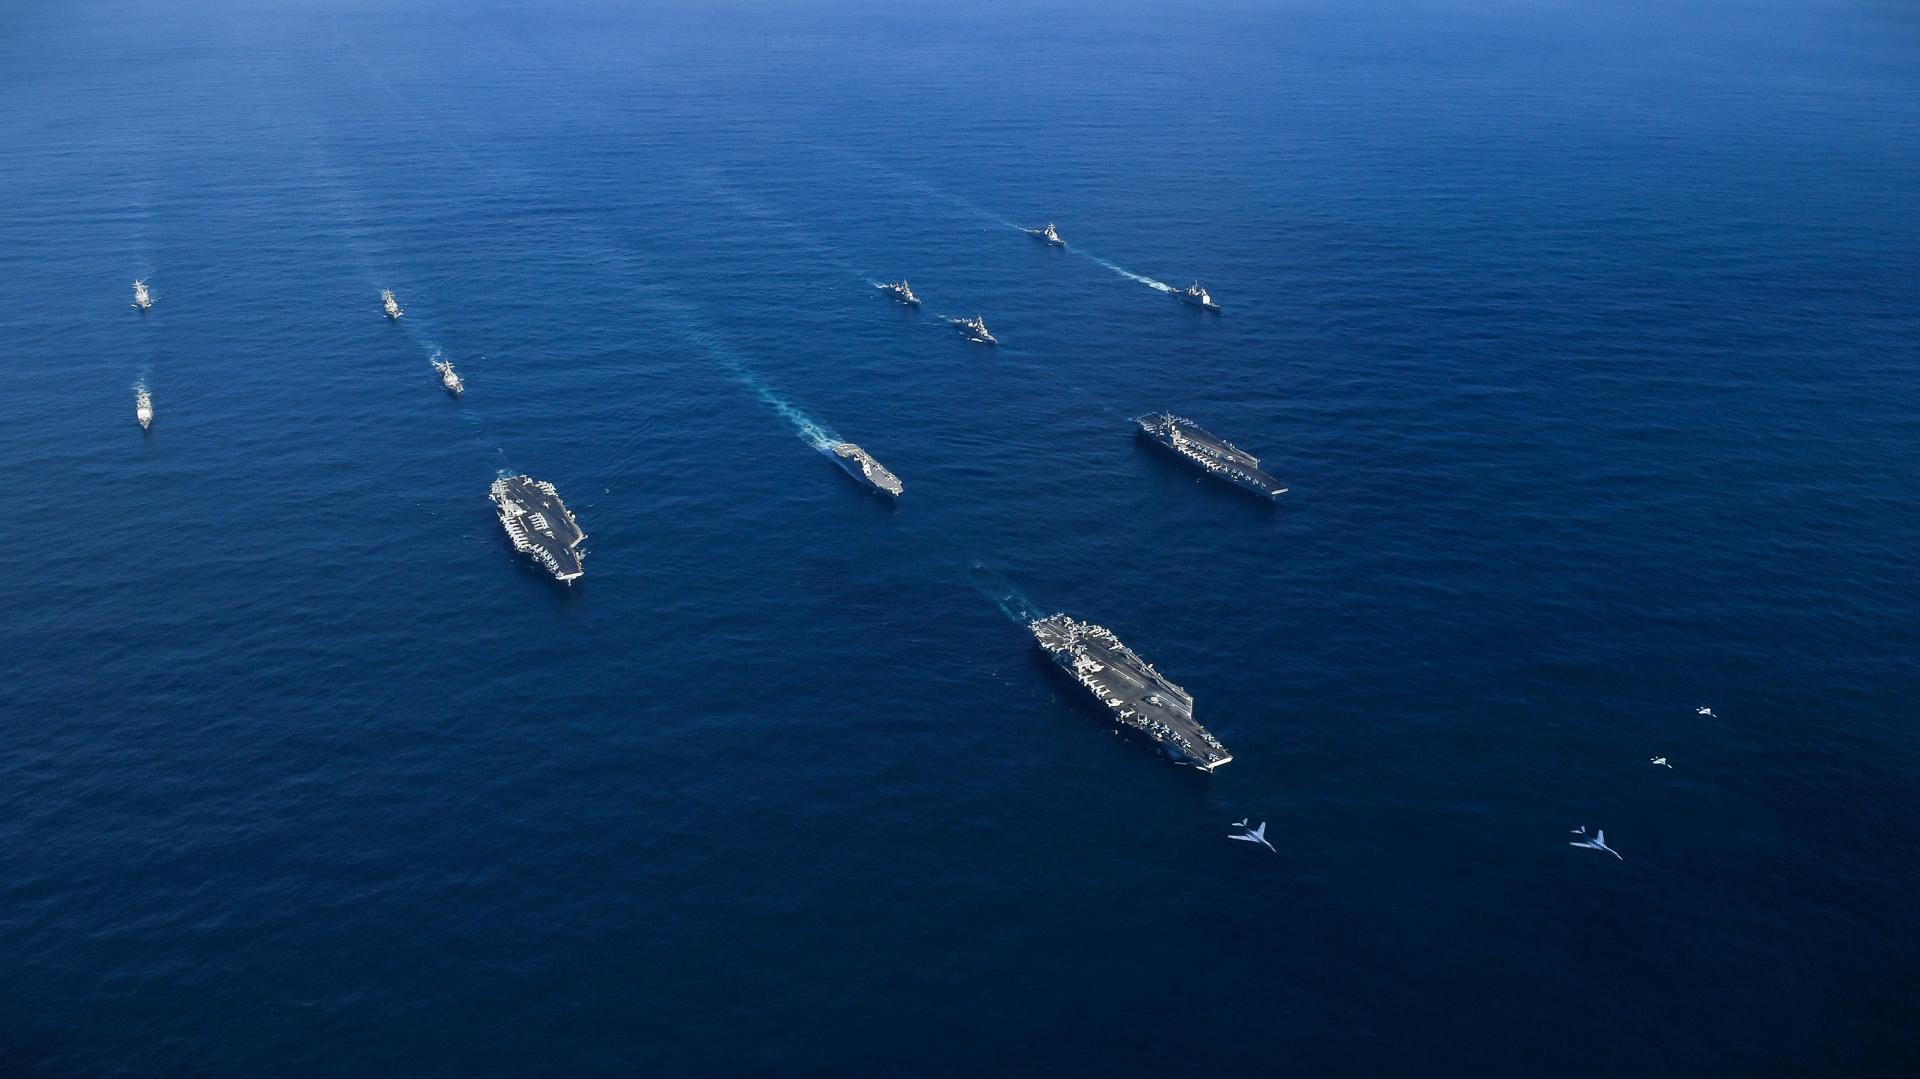 El USS Ronald Reagan, USS Theodore Roosevelt y USS Nimitz se desplazán en el Pacífico Occidental con buques de la Fuerza Marítima de Autodefensa Japonesa durante operaciones en aguas internacionales como parte de un ejercicio de fuerza de ataque de tres portaaviones, el 12 de noviembre de 2017. (Reuters)